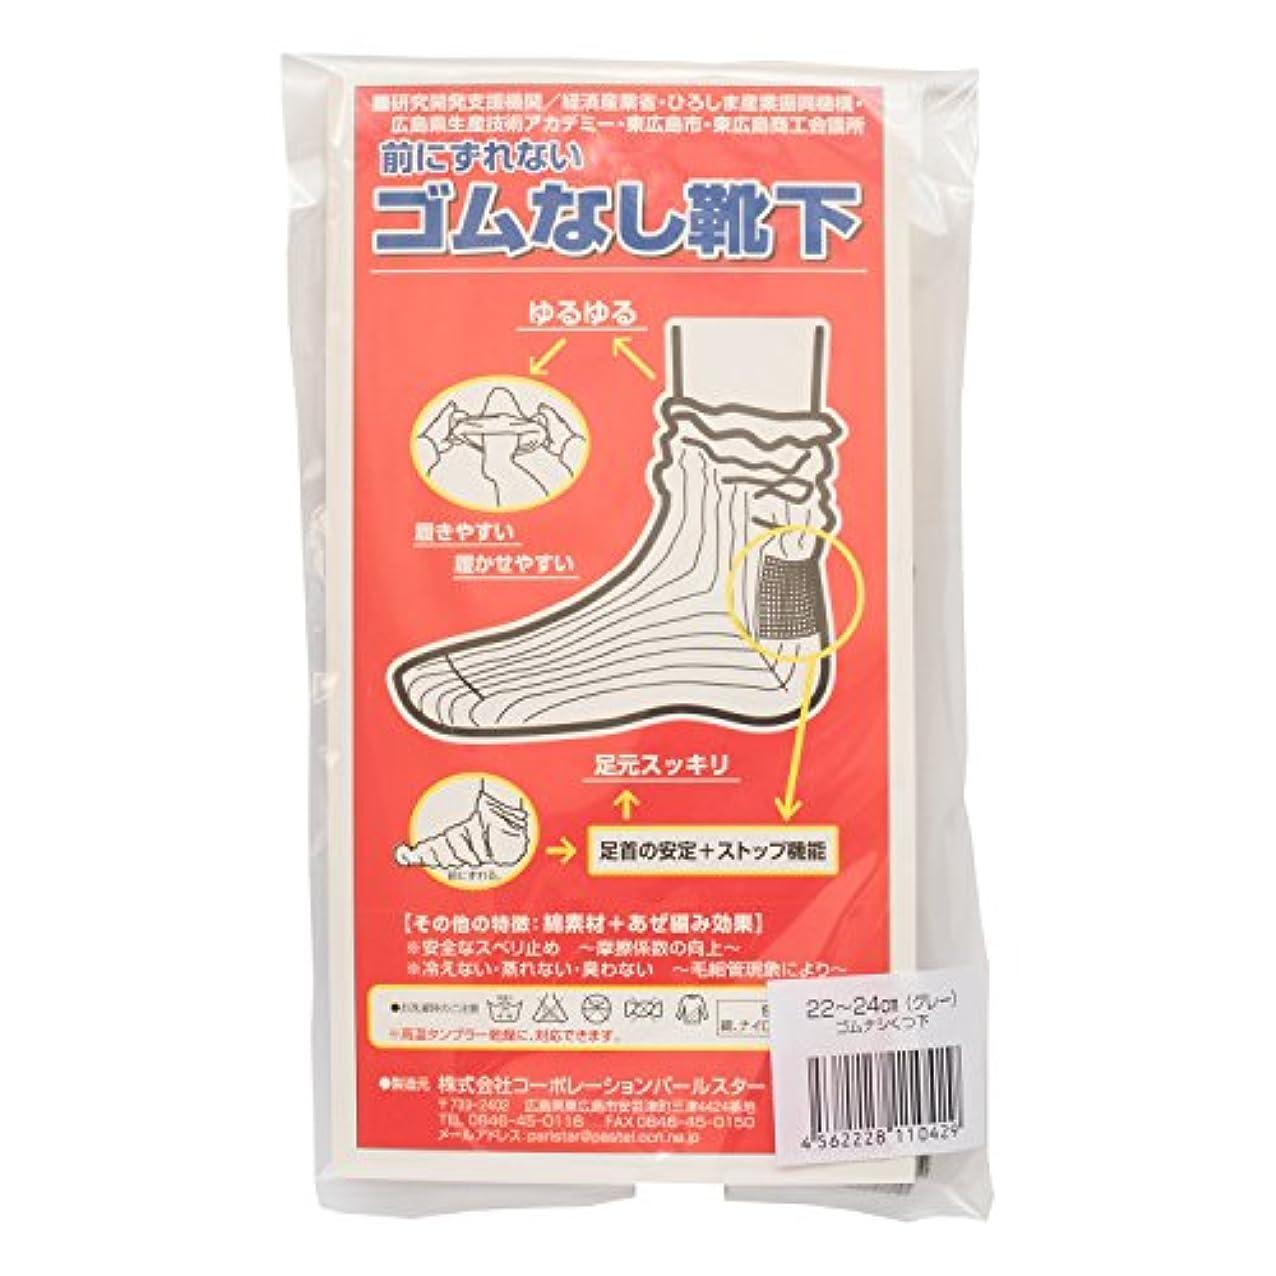 先のことを考えるできればポットコーポレーションパールスター 前にずれない ゴムなし靴下 グレー 22~24cm